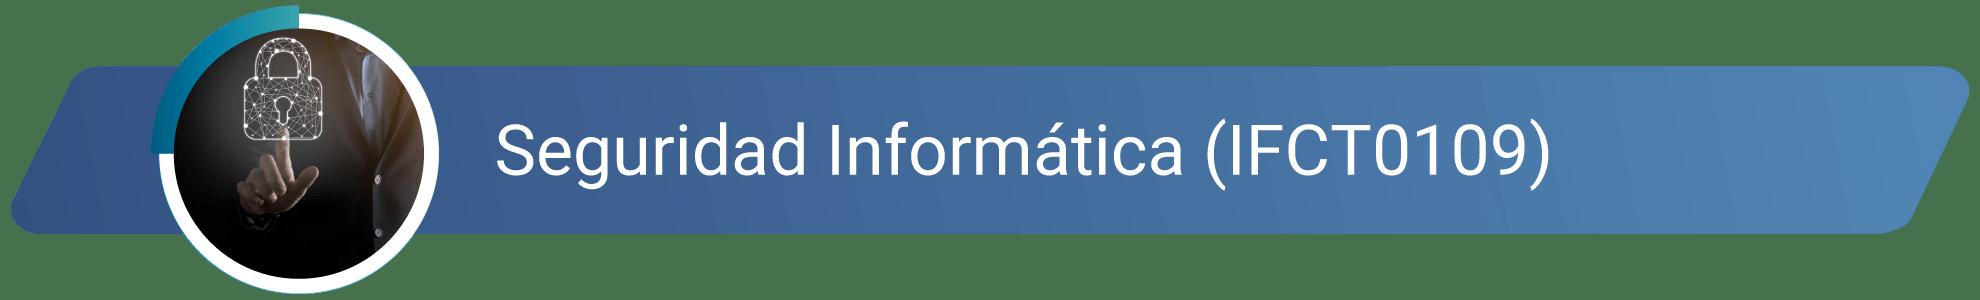 IFCT0109 - Seguridad informática